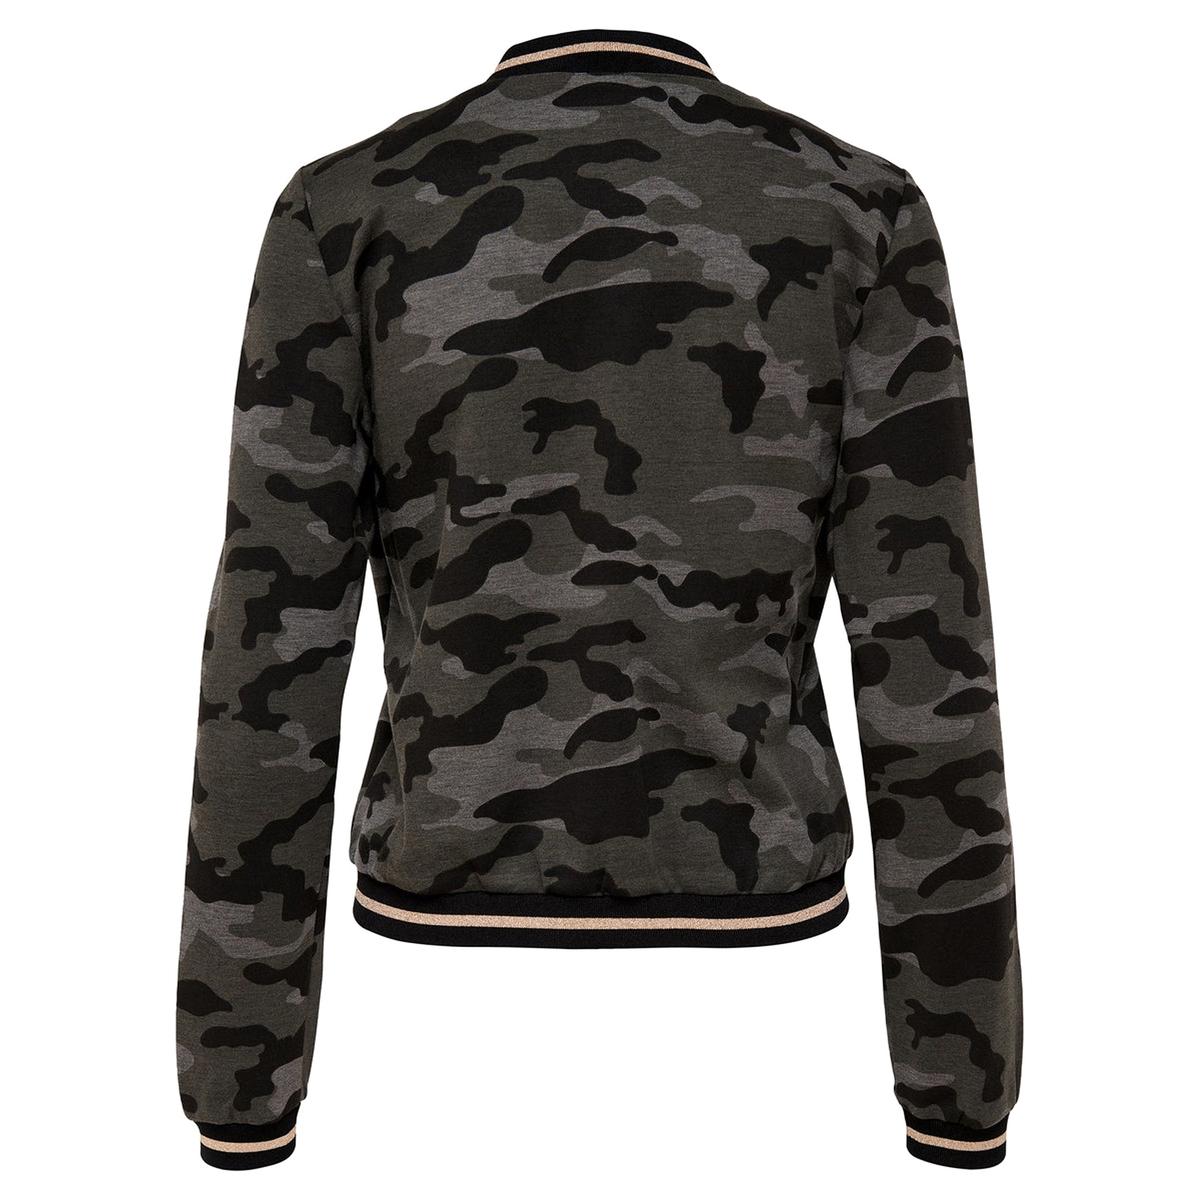 Куртка-бойфренд просторнаяДетали •  Просторная •  Покрой бойфренд, свободный •   V-образный вырезСостав и уход •  63% вискозы, 5% эластана, 32% полиамида •  Следуйте советам по уходу, указанным на этикетке<br><br>Цвет: камуфляж<br>Размер: M